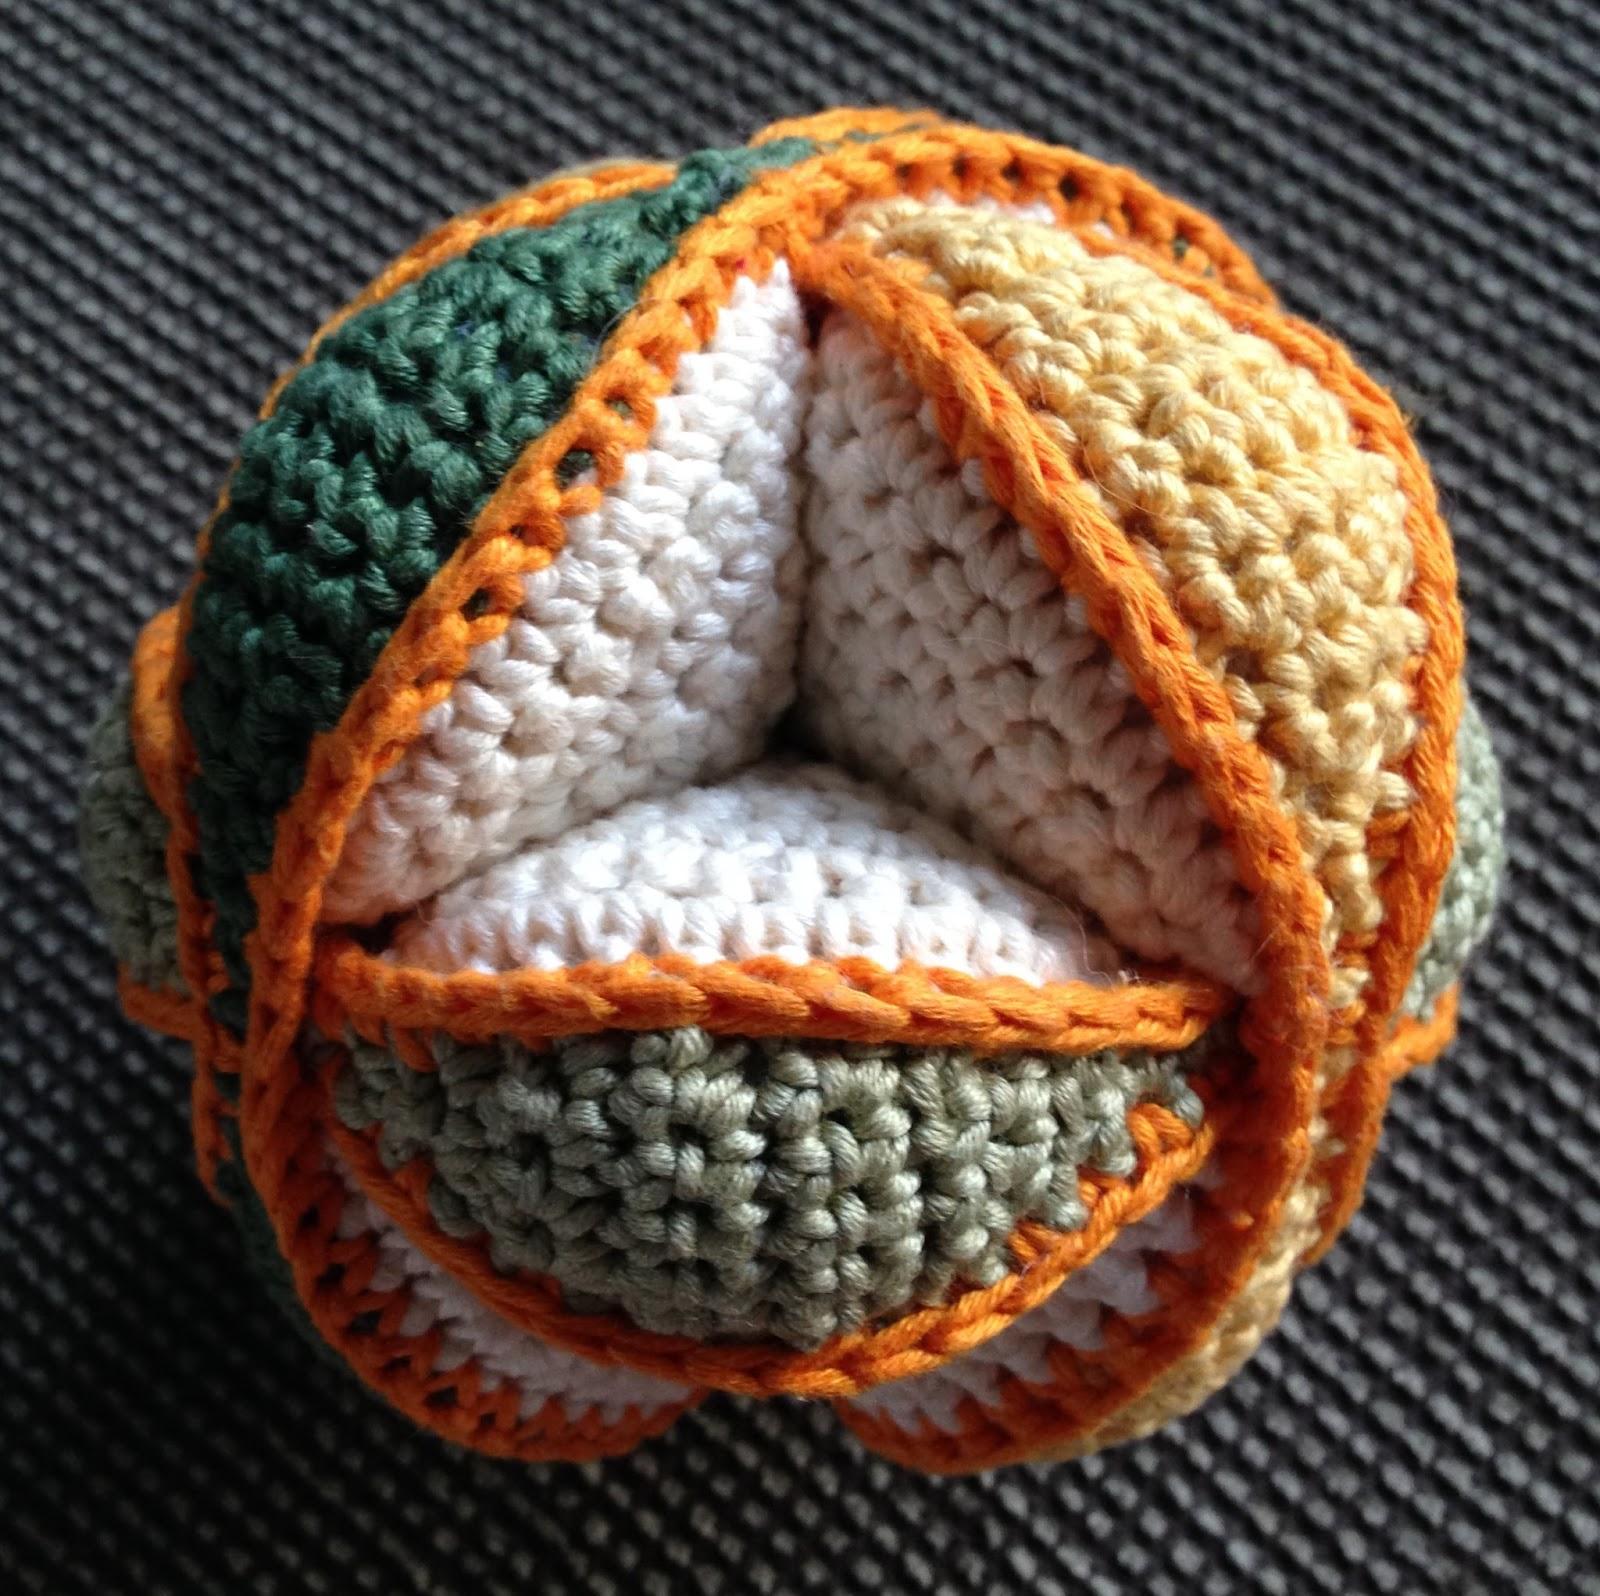 Amigurumi - einfachen großen Ball häkeln | Häkeln ball ... | 1596x1600